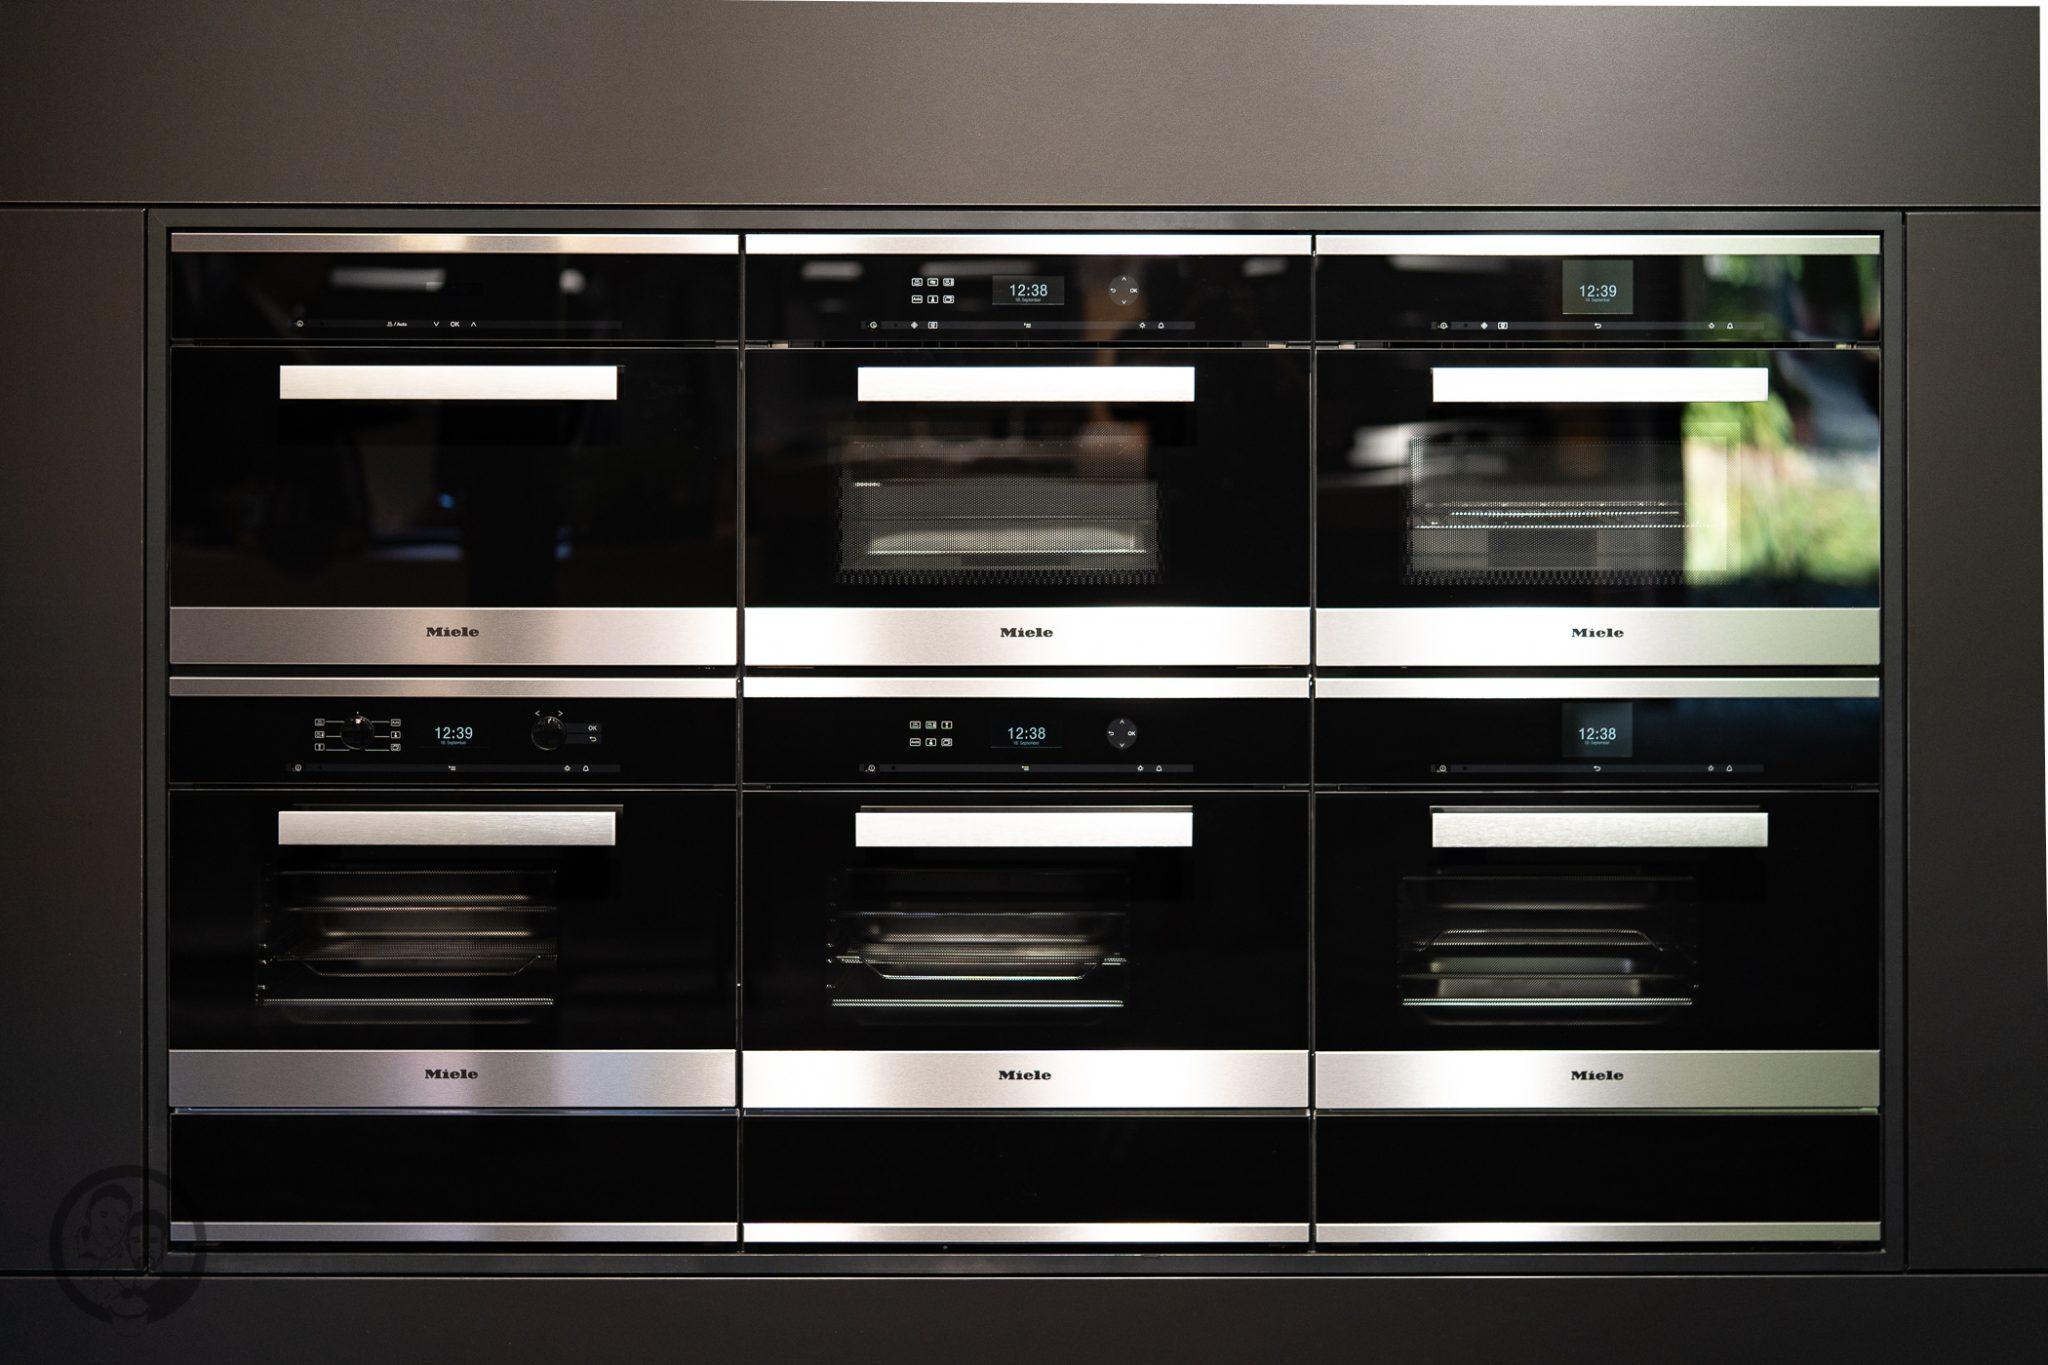 Küchenmeile mW 10 | Wie ihr ja bestimmt wisst, sind wir seit diesem Jahr Kooperationspartner von Miele.Daher hatten wir das große Glück, den Messestand von Miele nicht nur auf der IFA, sondern auch auf der Küchenmeile in Rödinghausen zu besuchen. Dort konnten wir uns einen spannenden Eindruck der Miele Küchenneuheiten machen, aber auch von der restlichen Produktpalette. Da Küchenequipment für alle Koch- und Backbegeisterten auch ein großes Thema ist, möchten wir euch gerne an unserem Besuch teilhaben lassen.